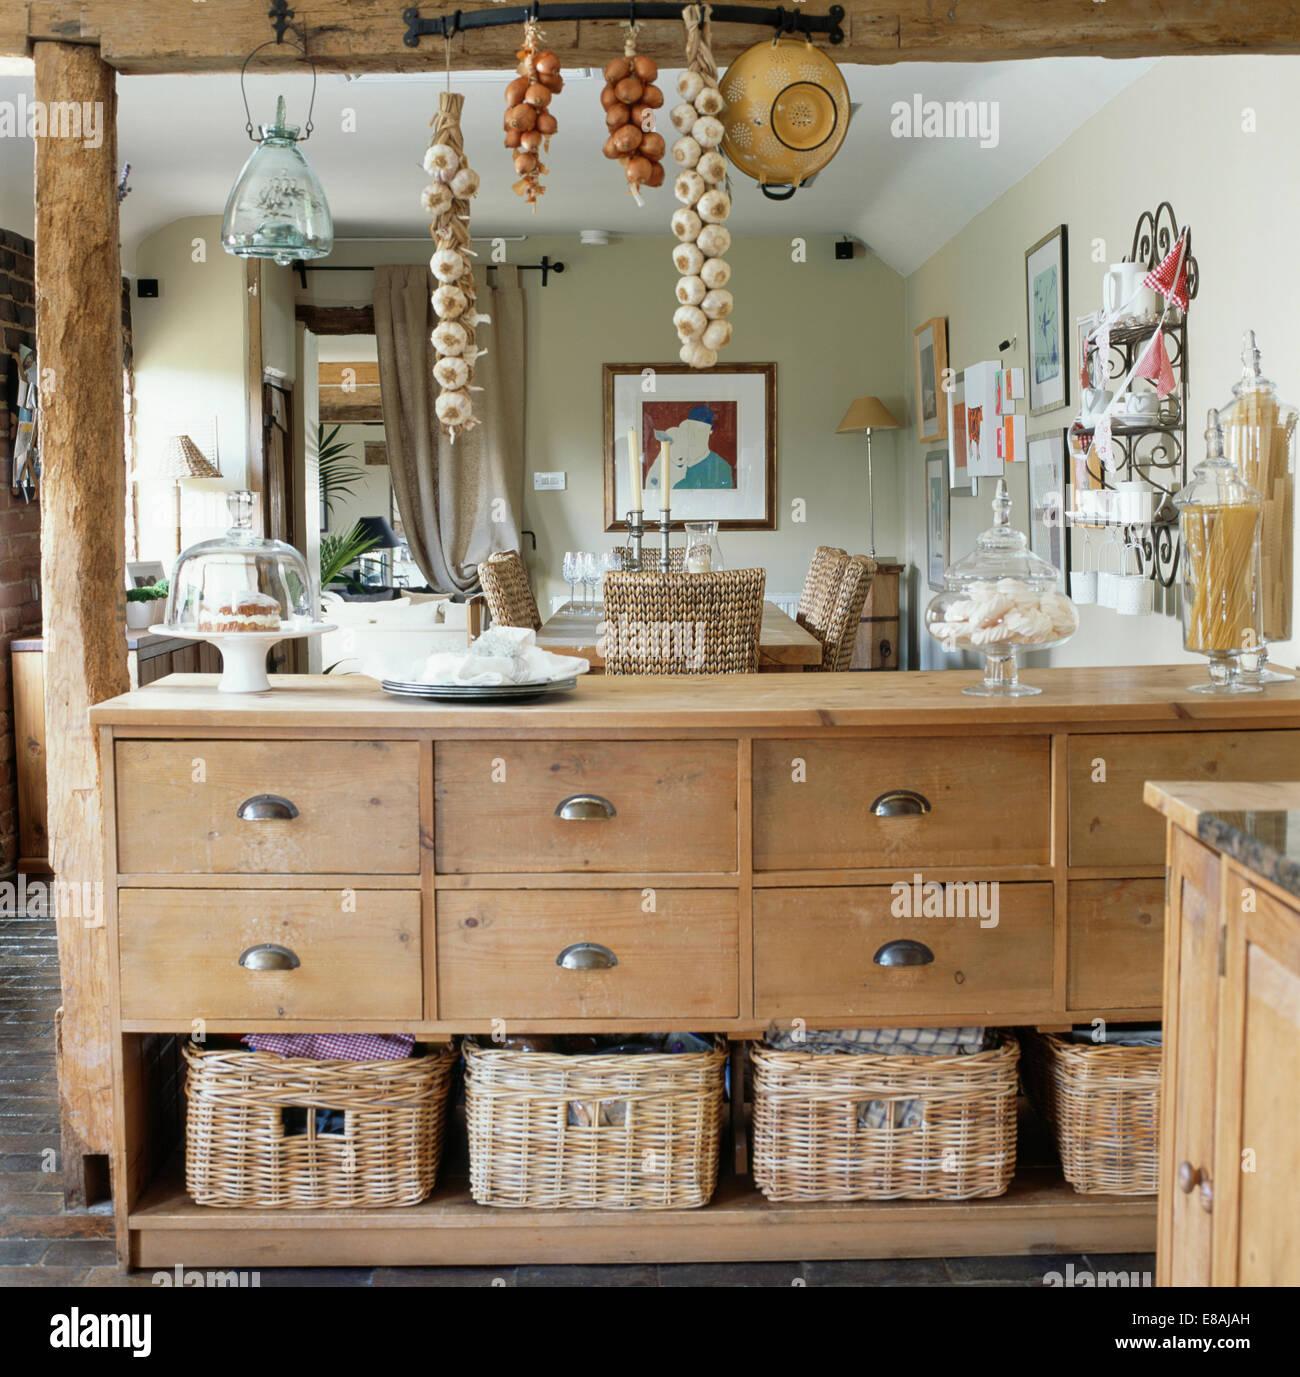 Schrank Aufbewahrung Küche | Aufbewahrung Korbe Auf Alten Kiefer Schrank Teilung Cottage Kuche